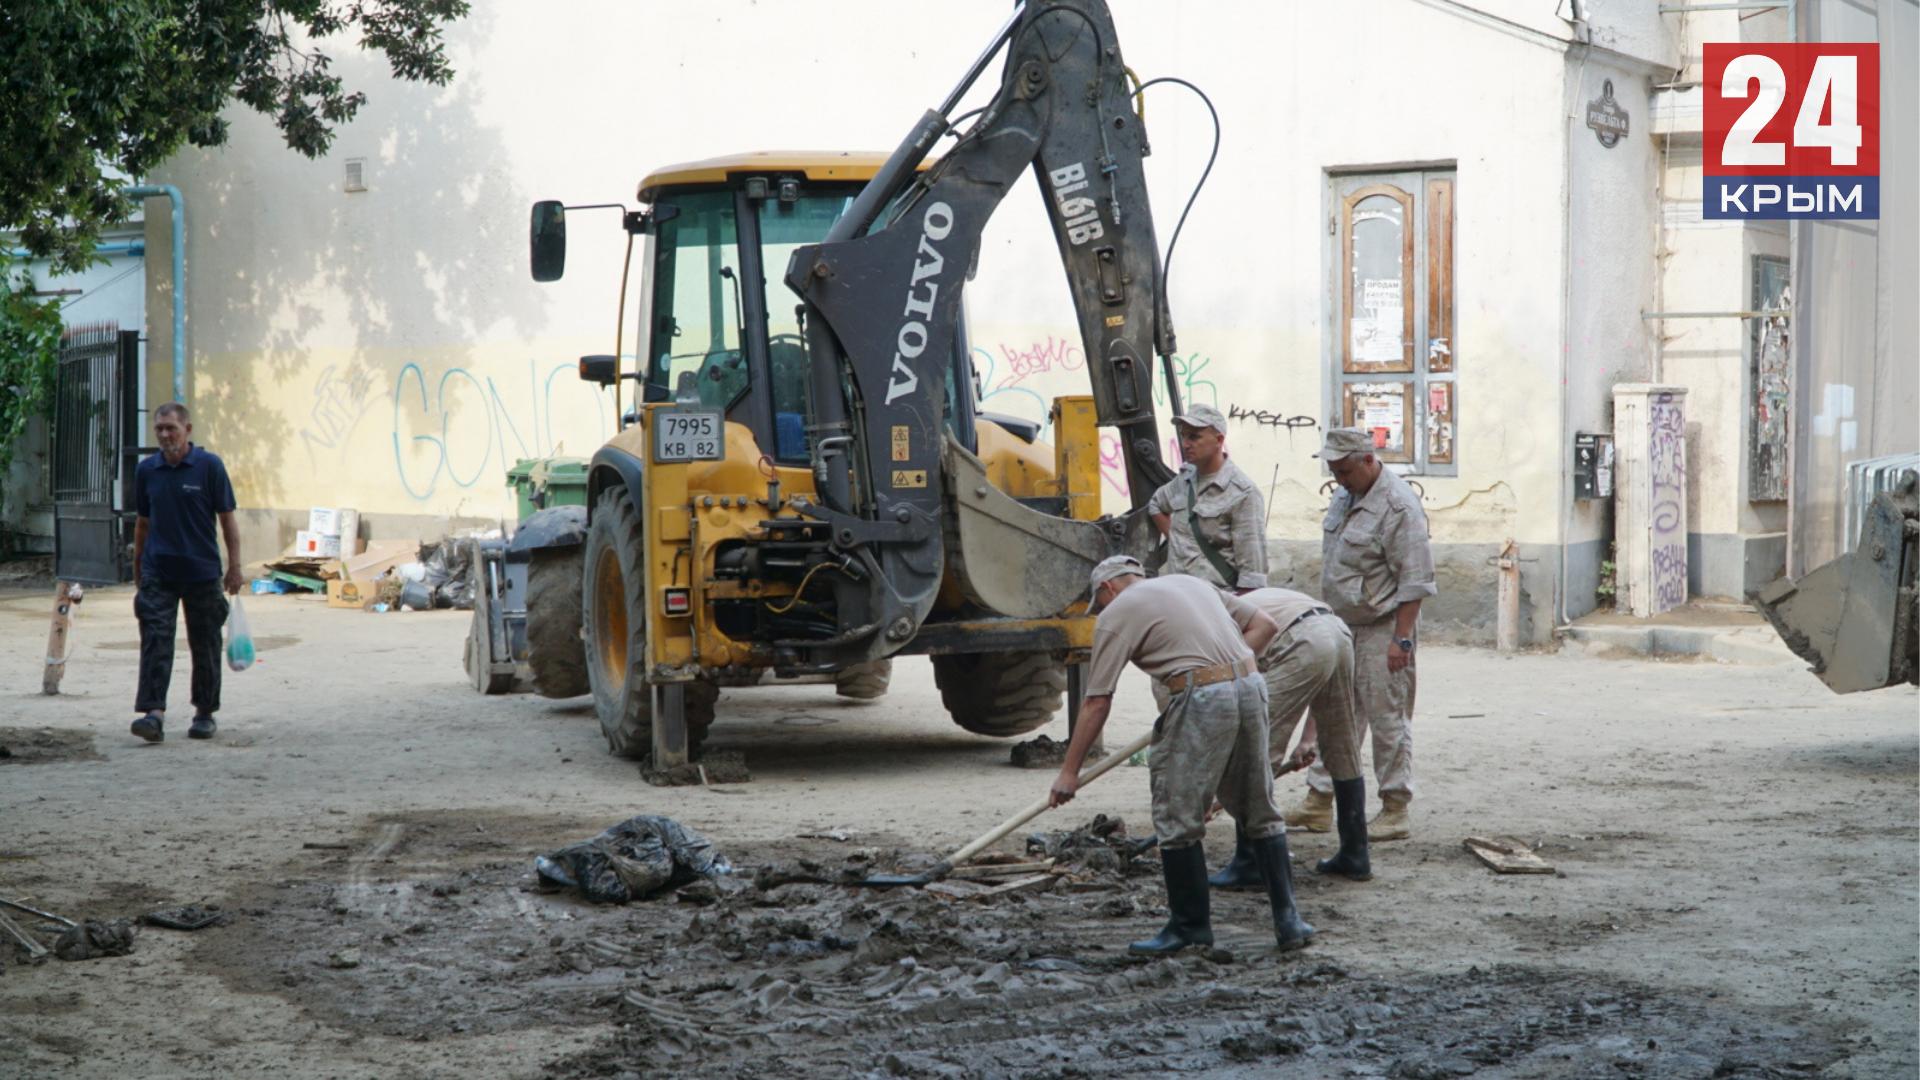 Военные до 24 июня очистят Ялту и Керчь, пострадавших от потопа